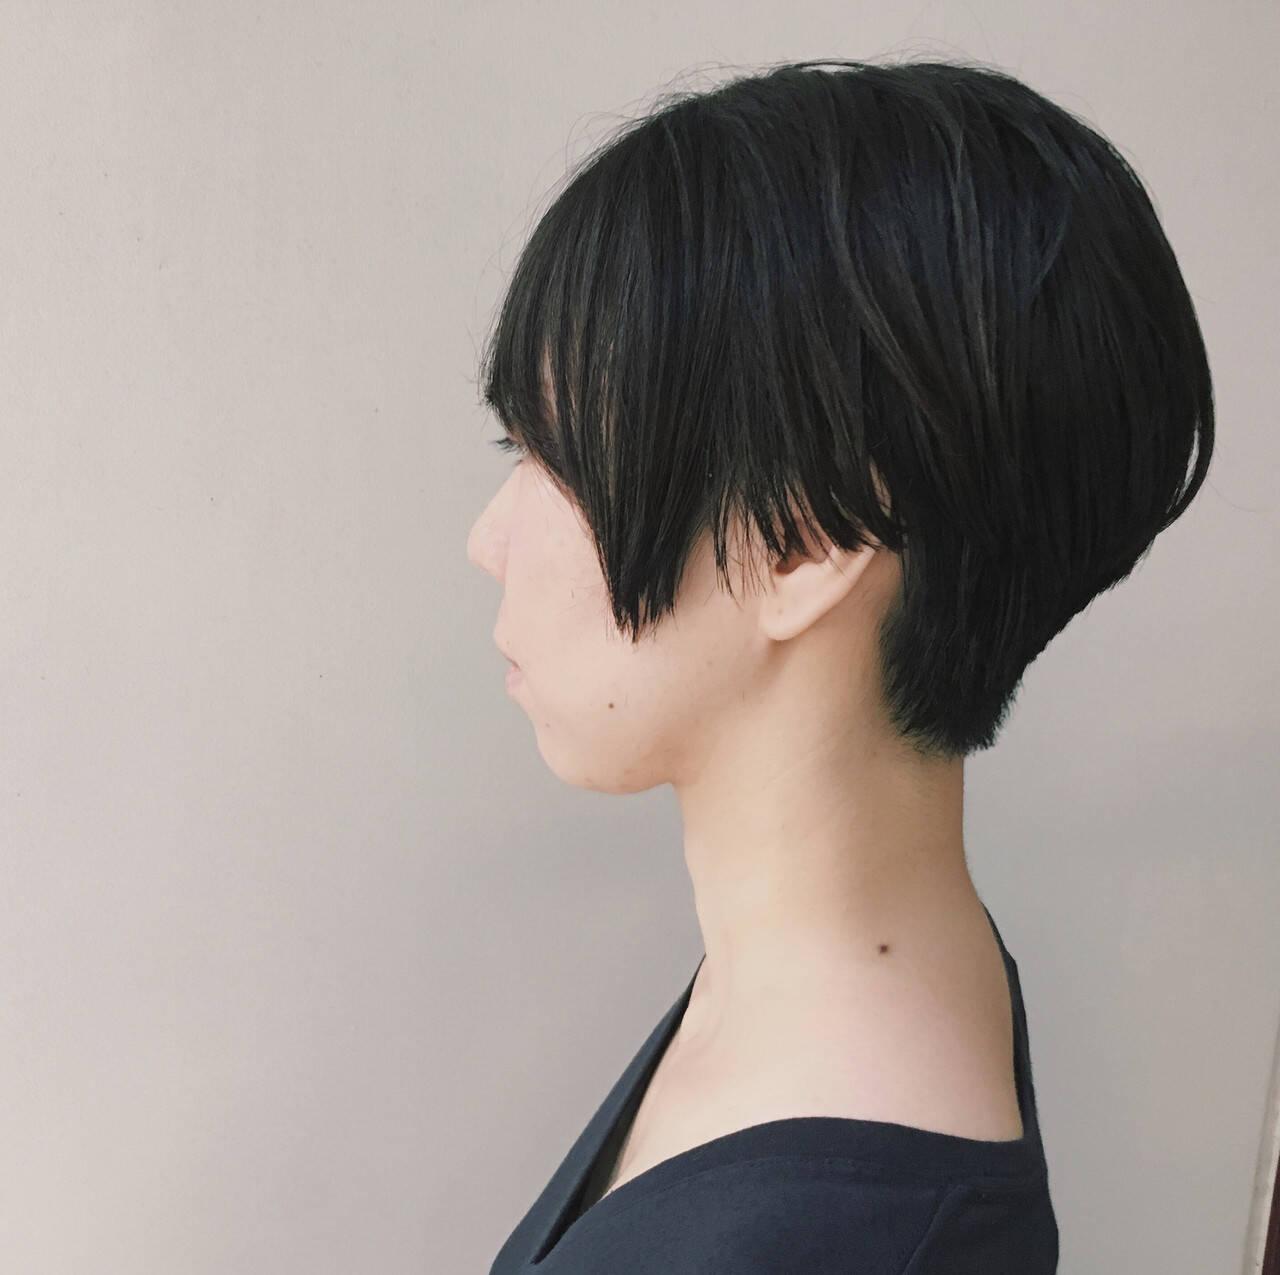 ショートヘア 大人女子 モード 黒髪ヘアスタイルや髪型の写真・画像